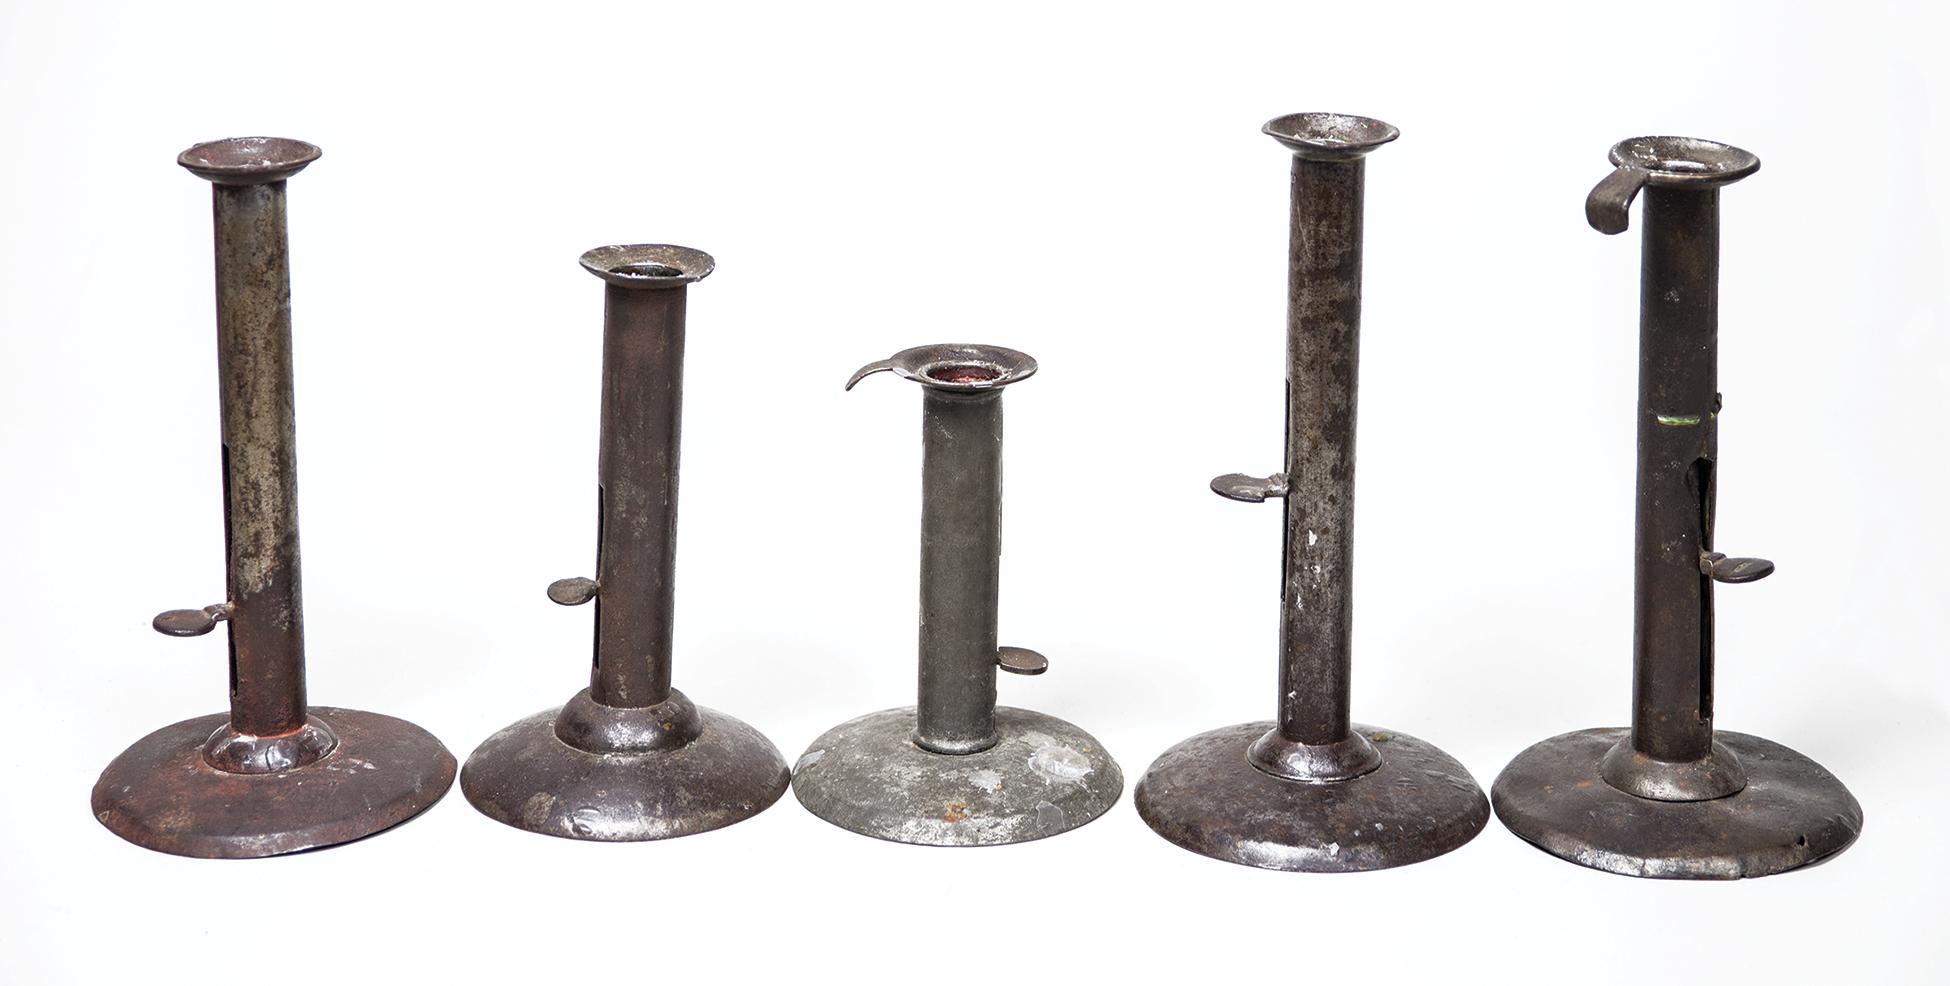 hogscrape, candlesticks